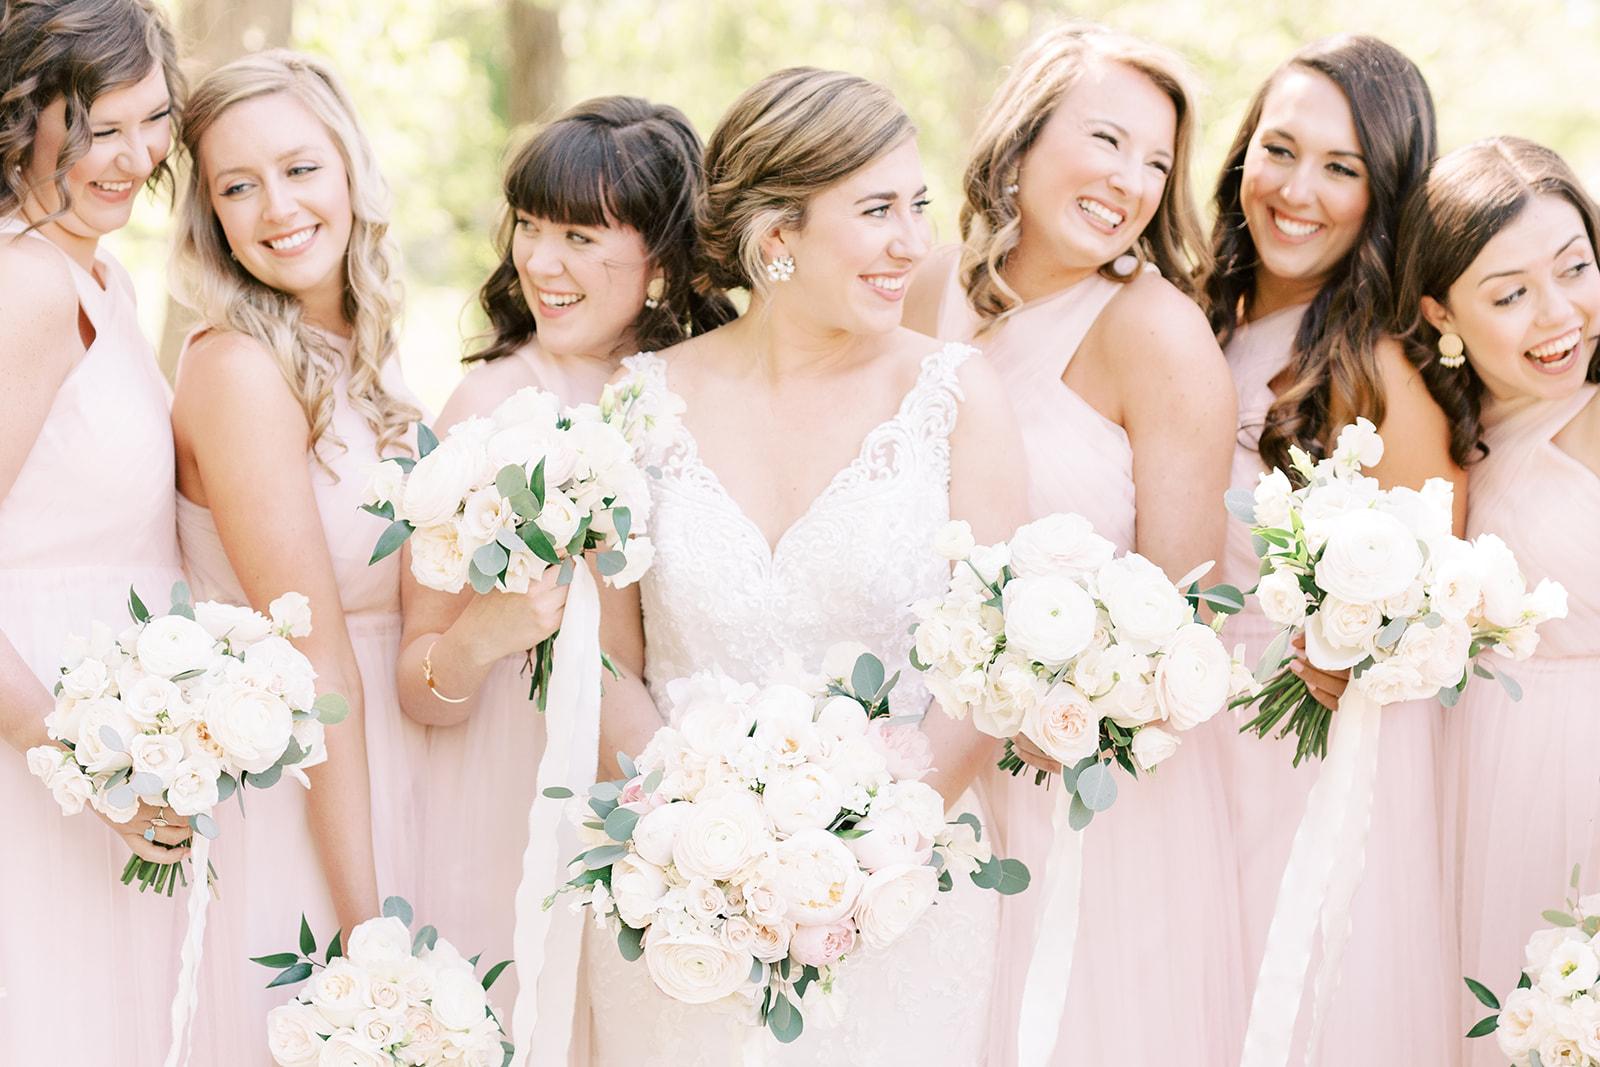 Courtney Inghram Richmond Virginia Wedding Florist Foundry Golf Club Blush and Gold Spring Wedding